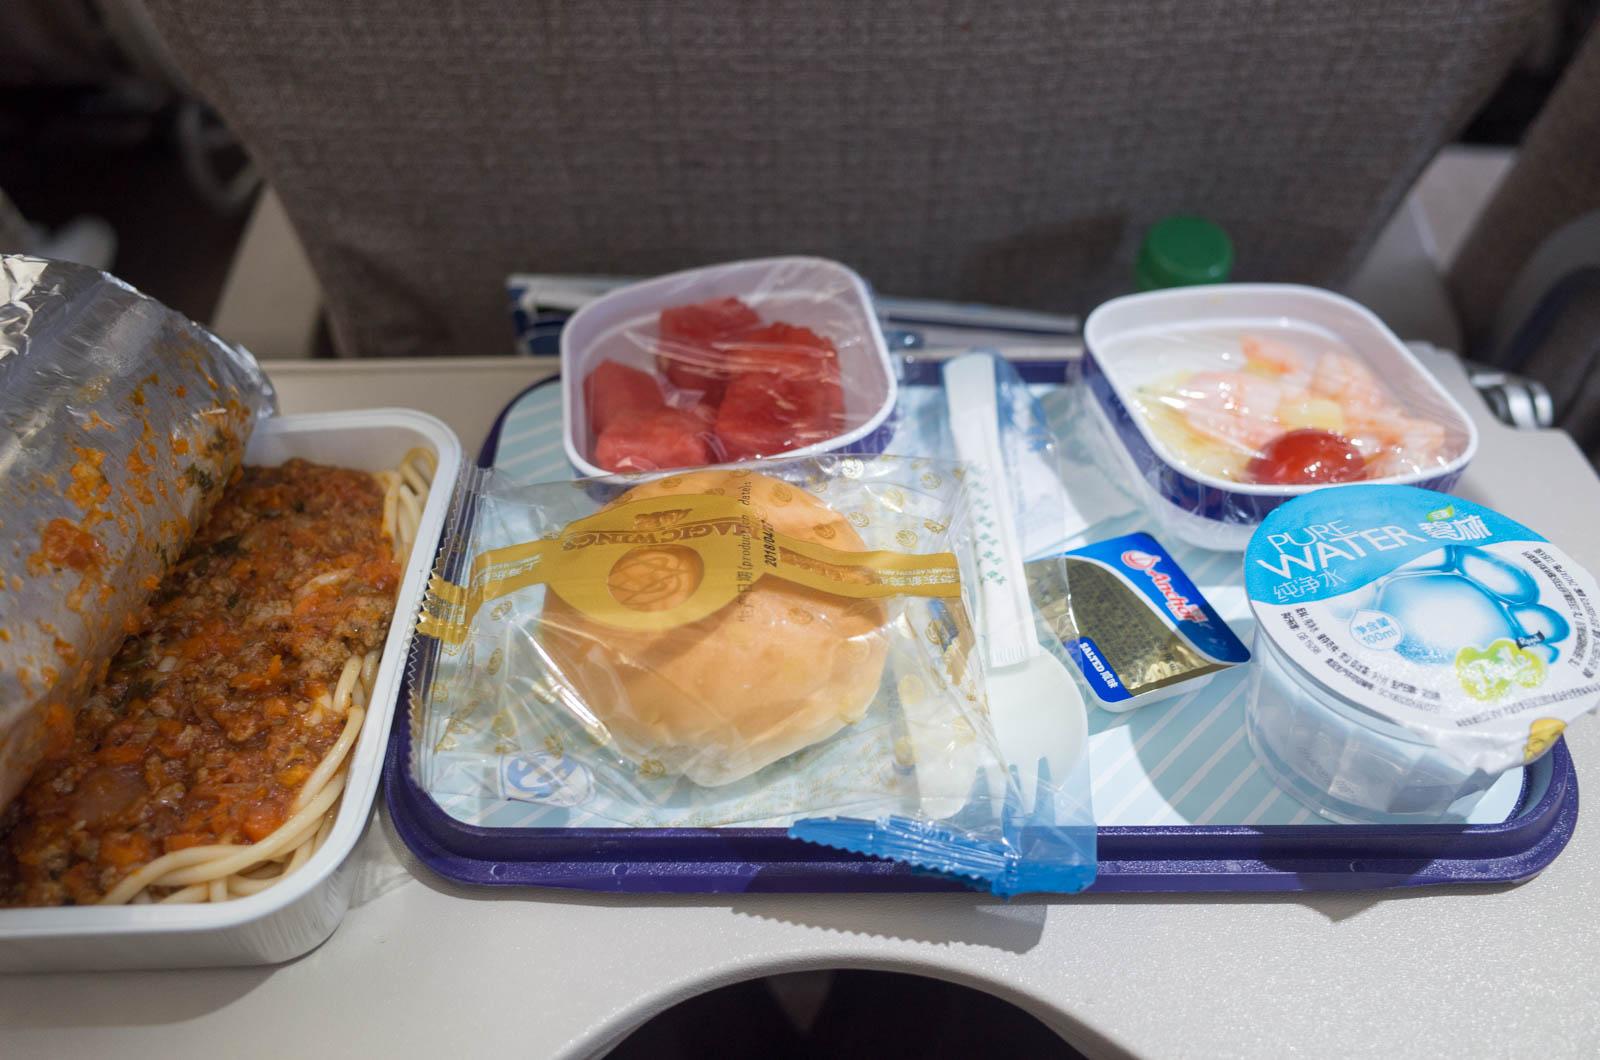 中国東方航空の機内食(香港ー上海便)